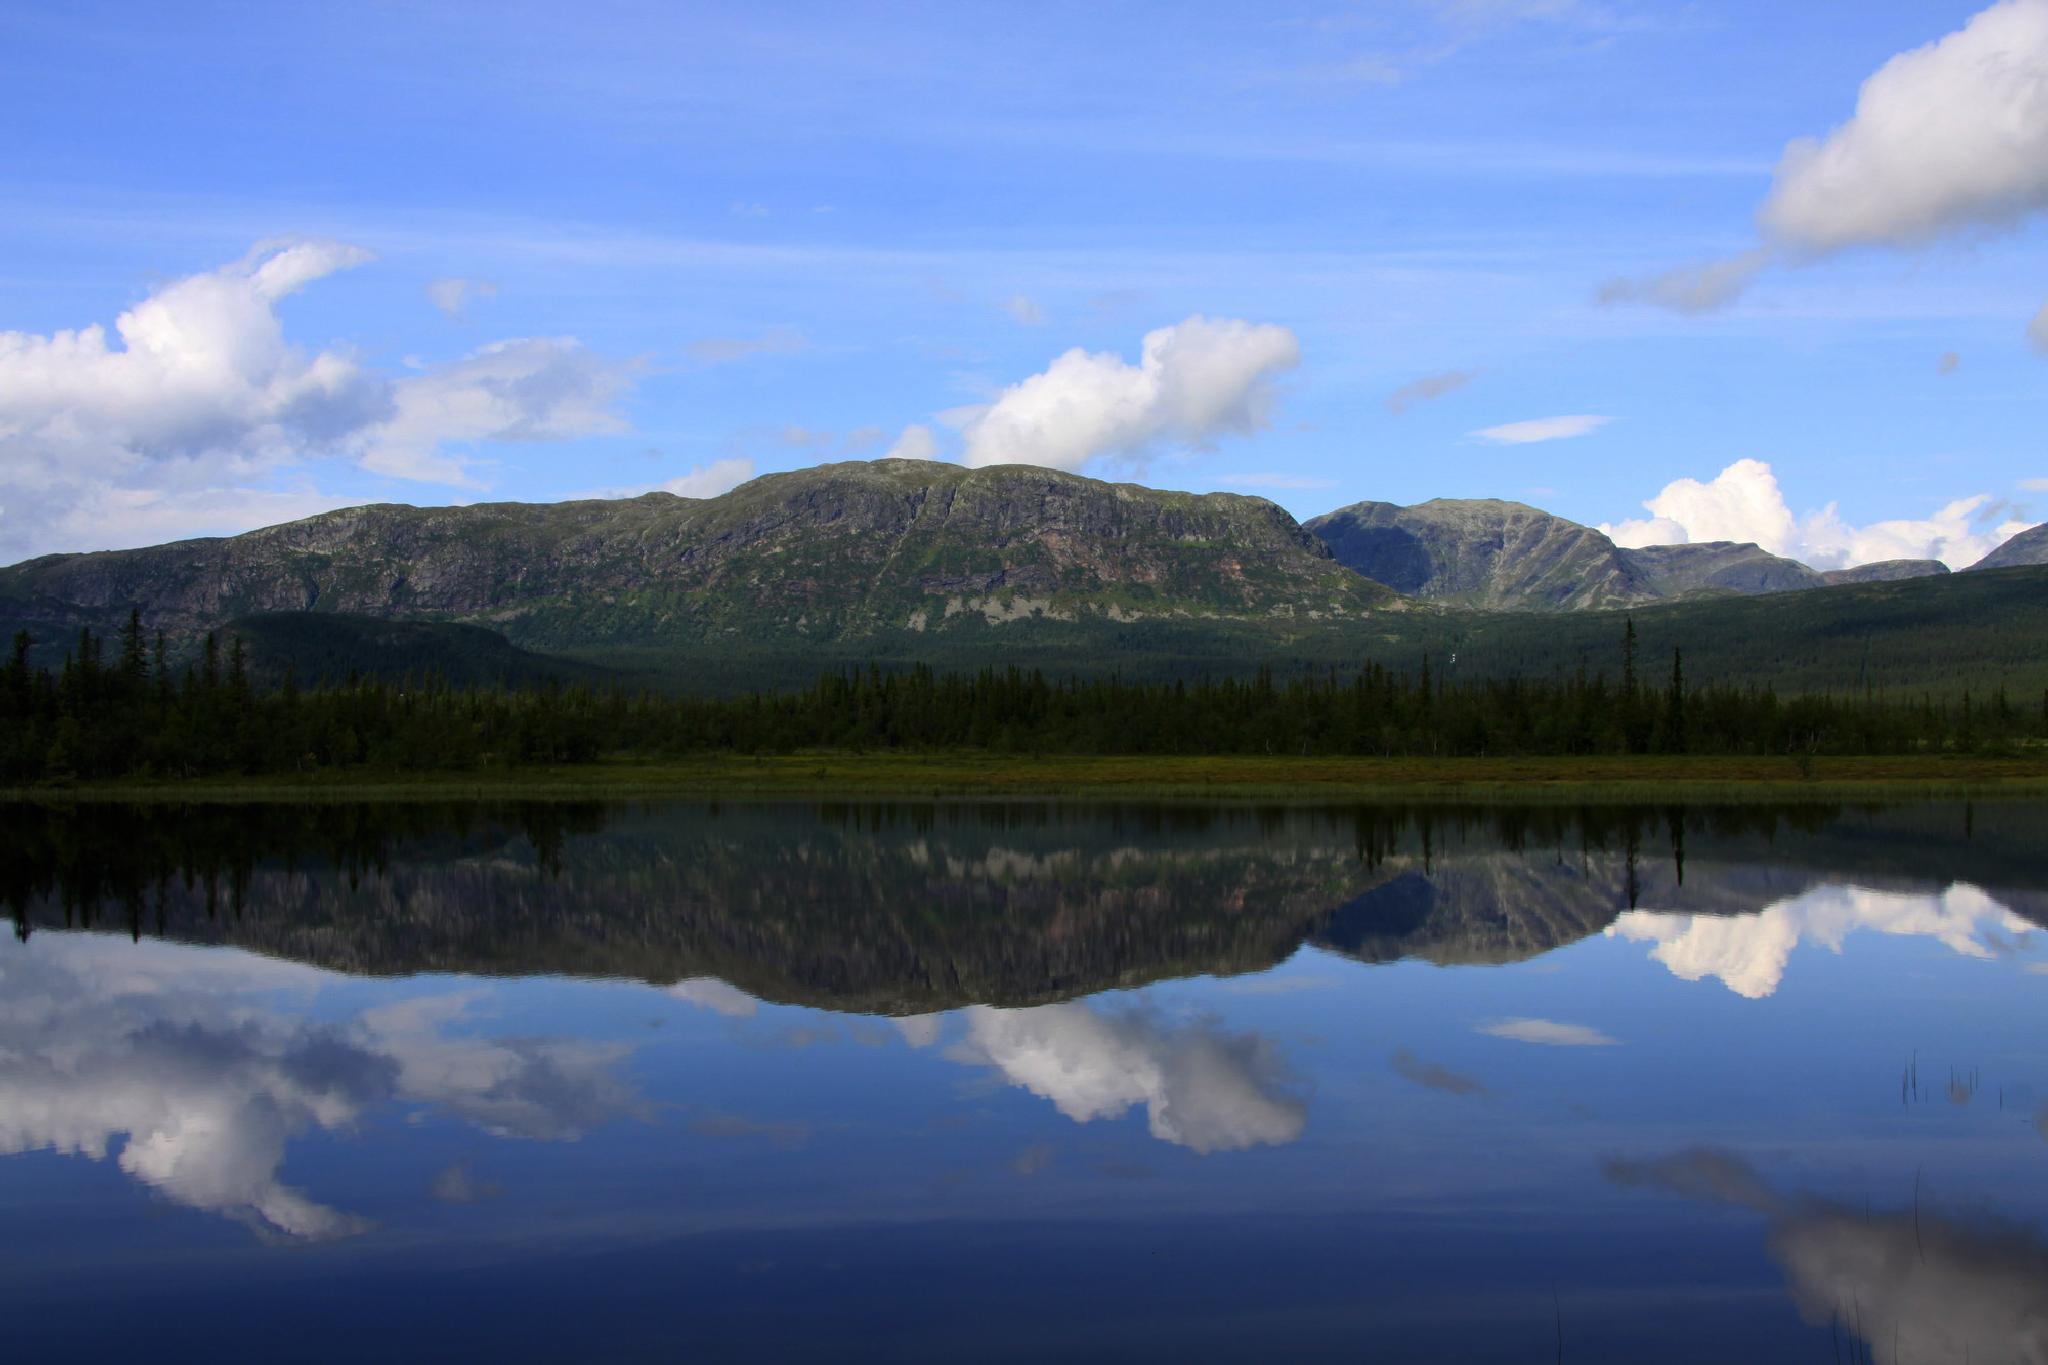 Reflection or just upside down by Per Lindskog